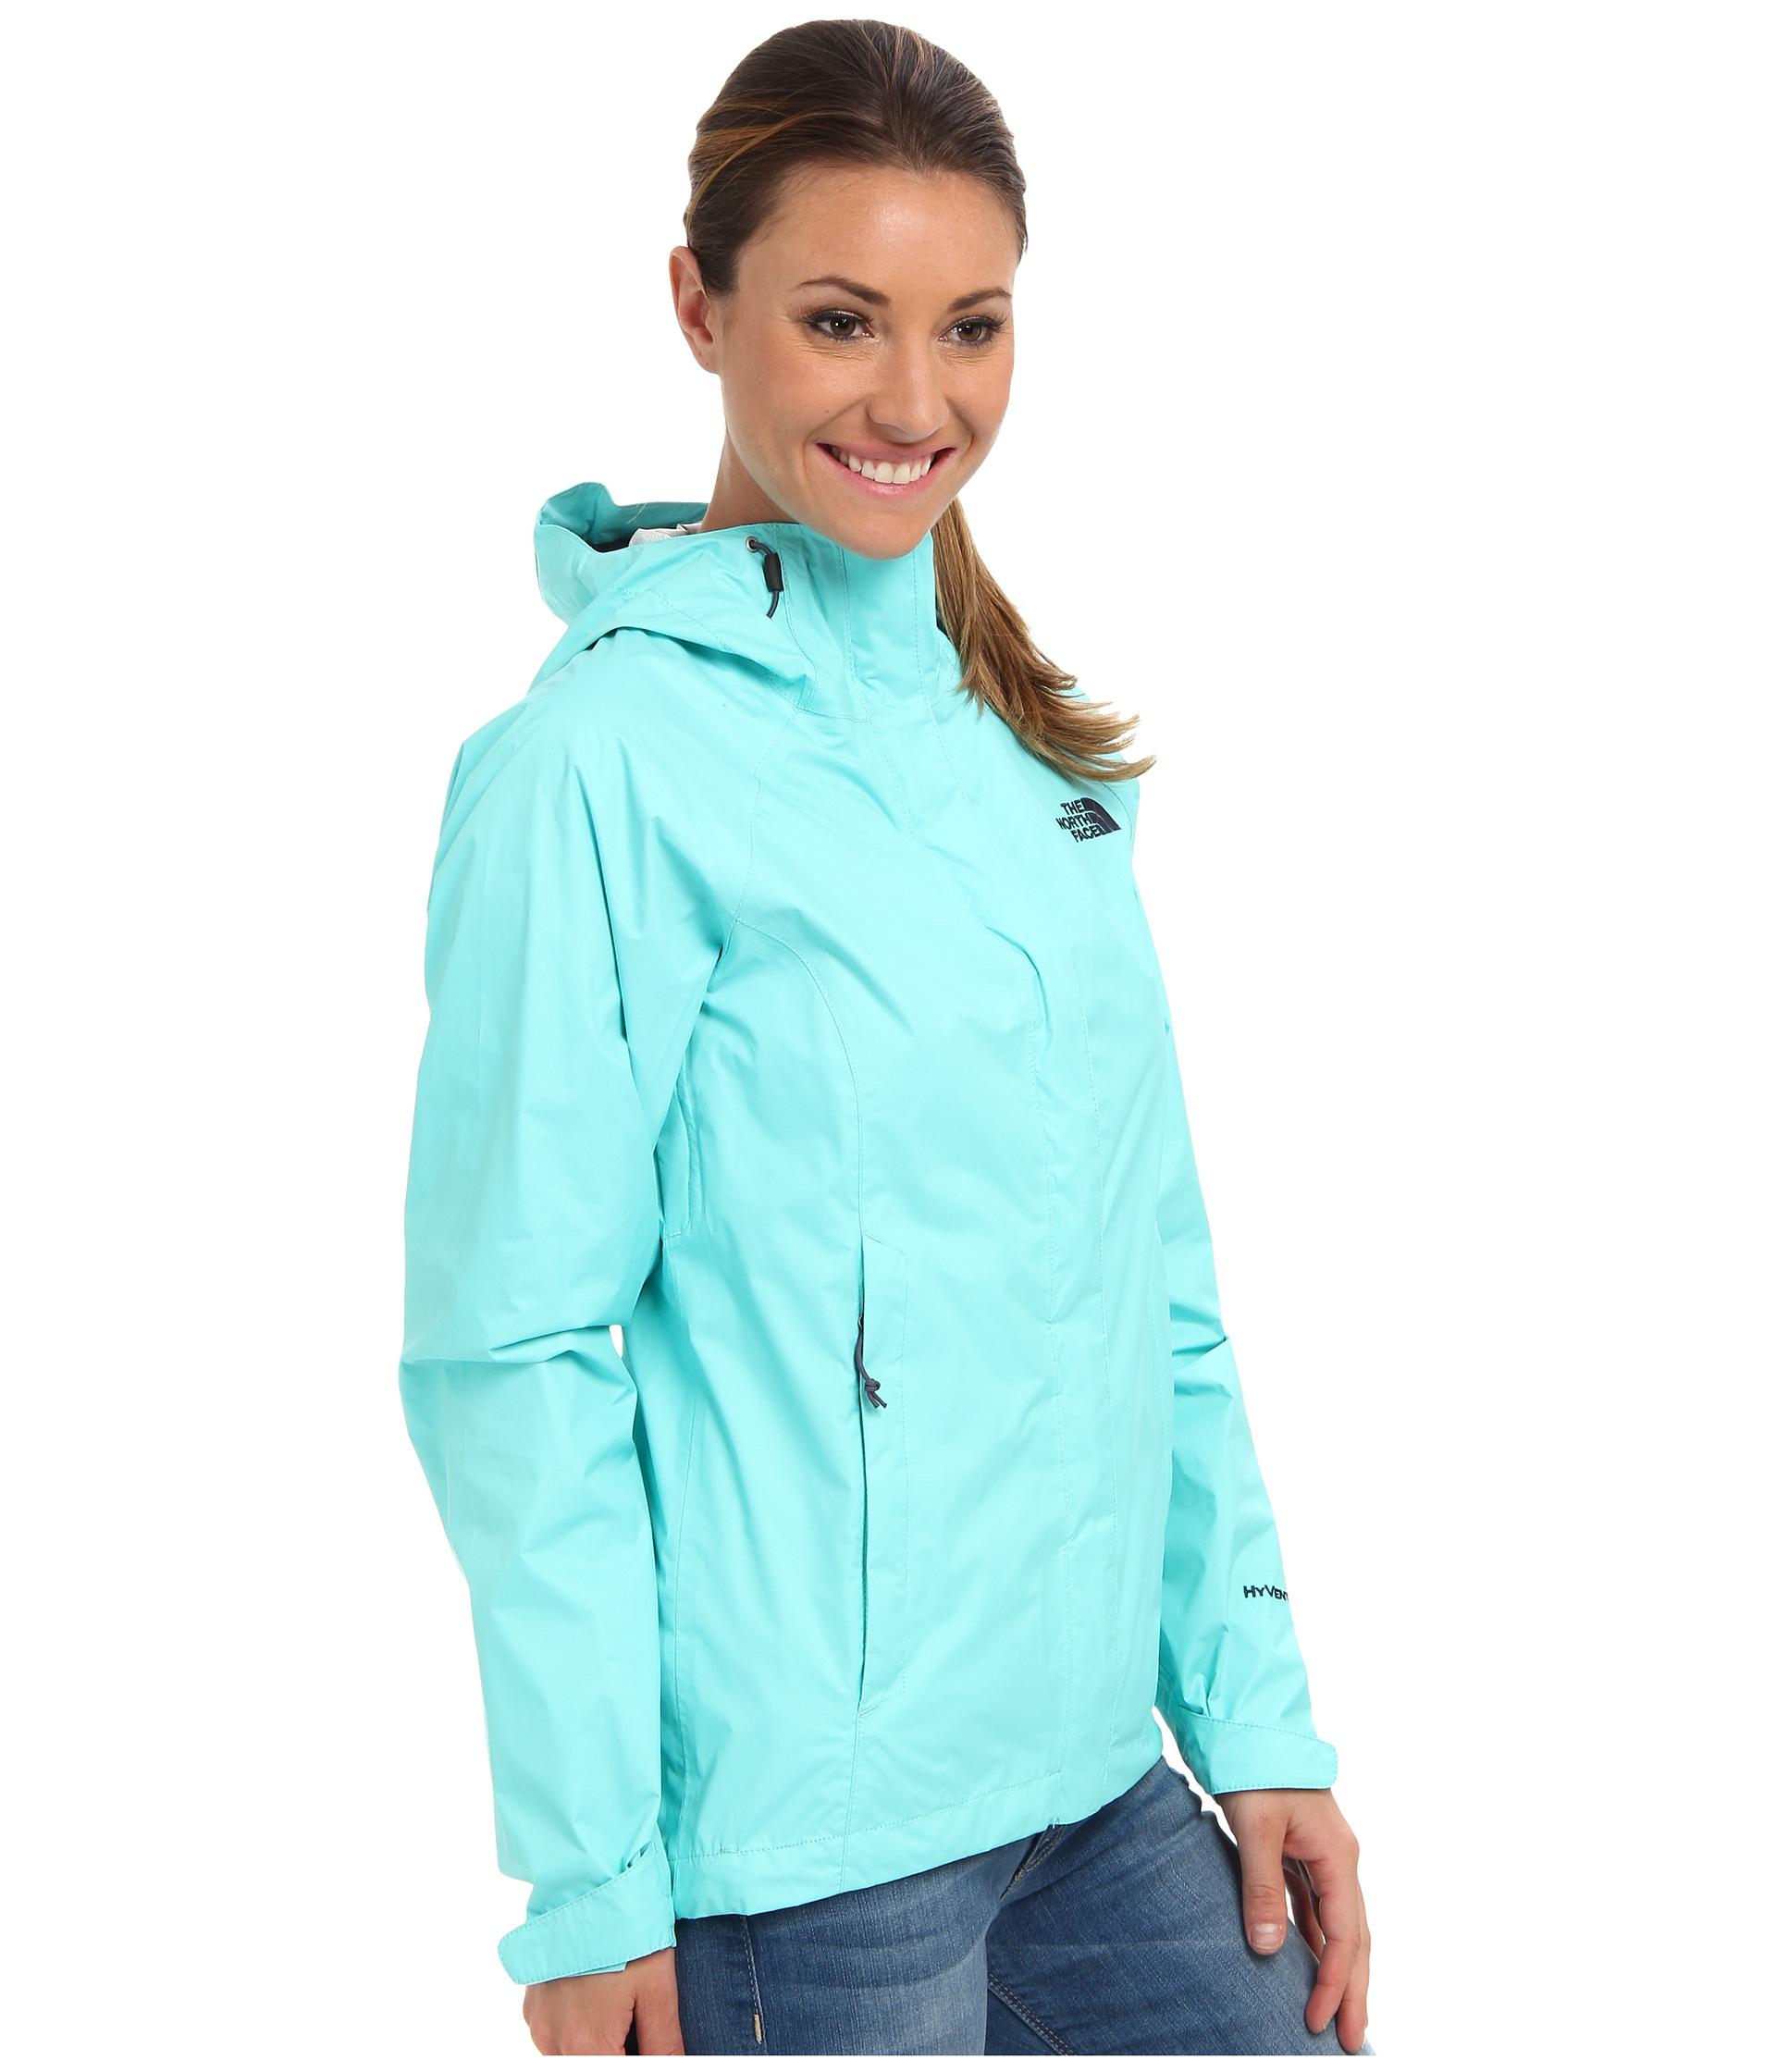 8c48d3947 australia north face venture jacket mint blue 46365 15536